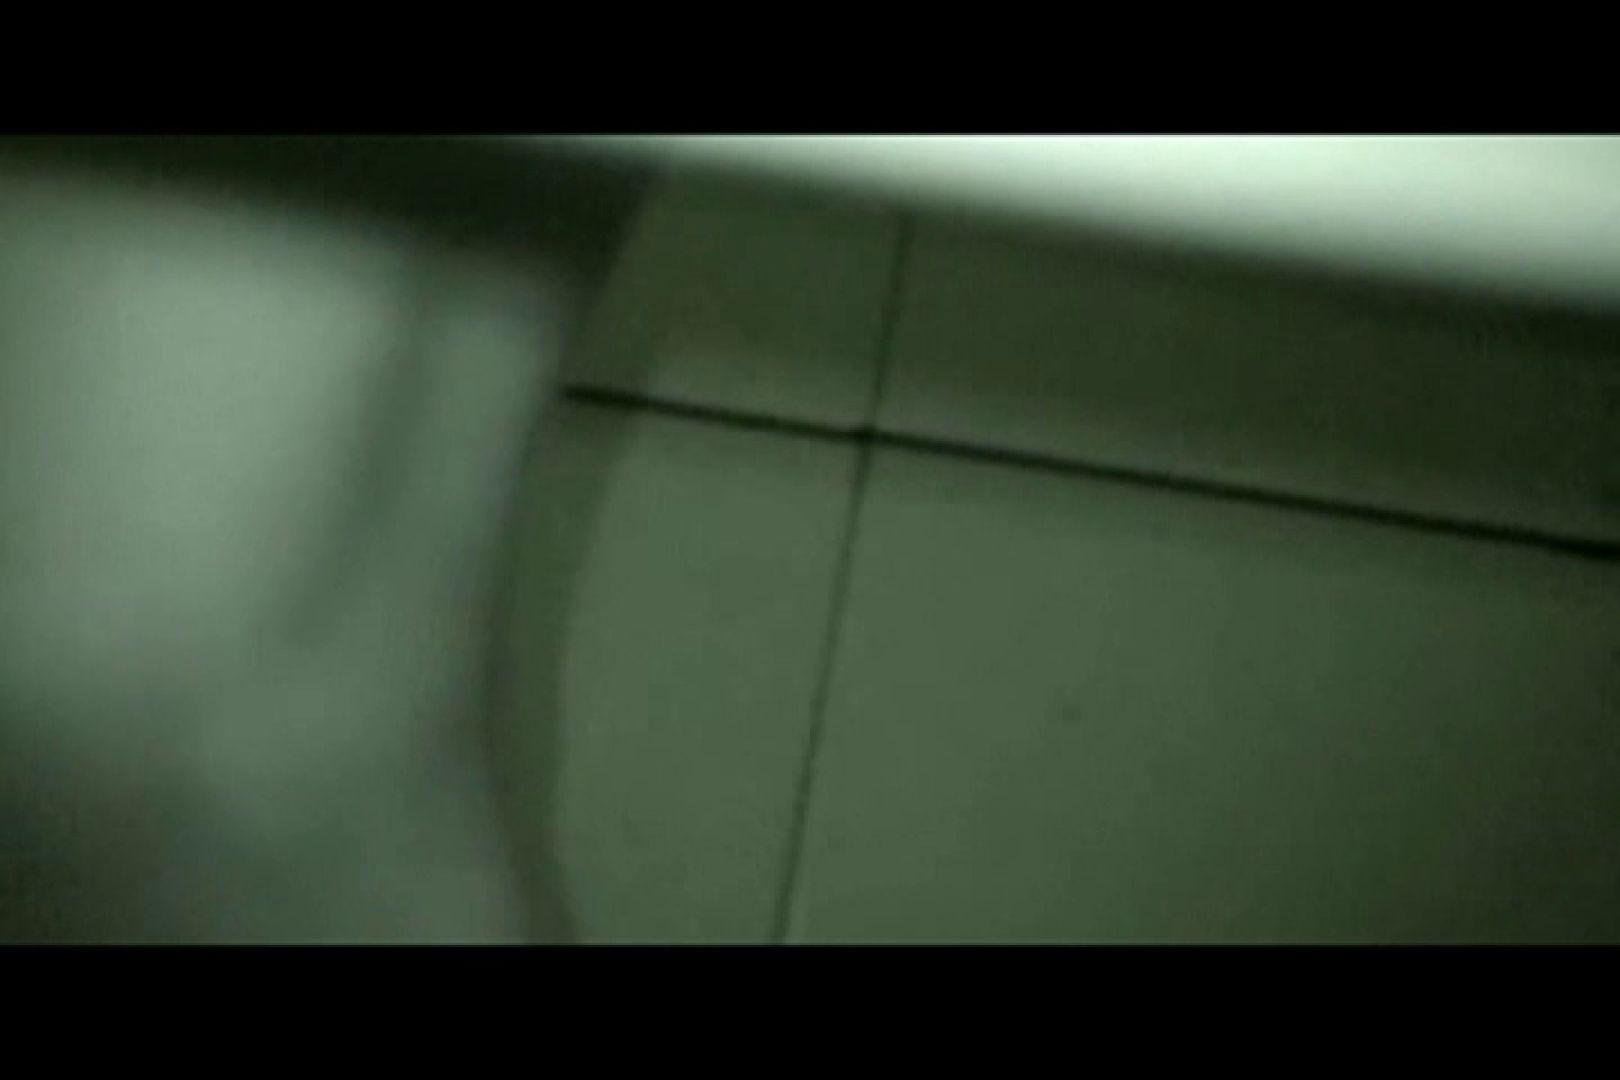 ぼっとん洗面所スペシャルVol.16 おまんこ おまんこ動画流出 103画像 83